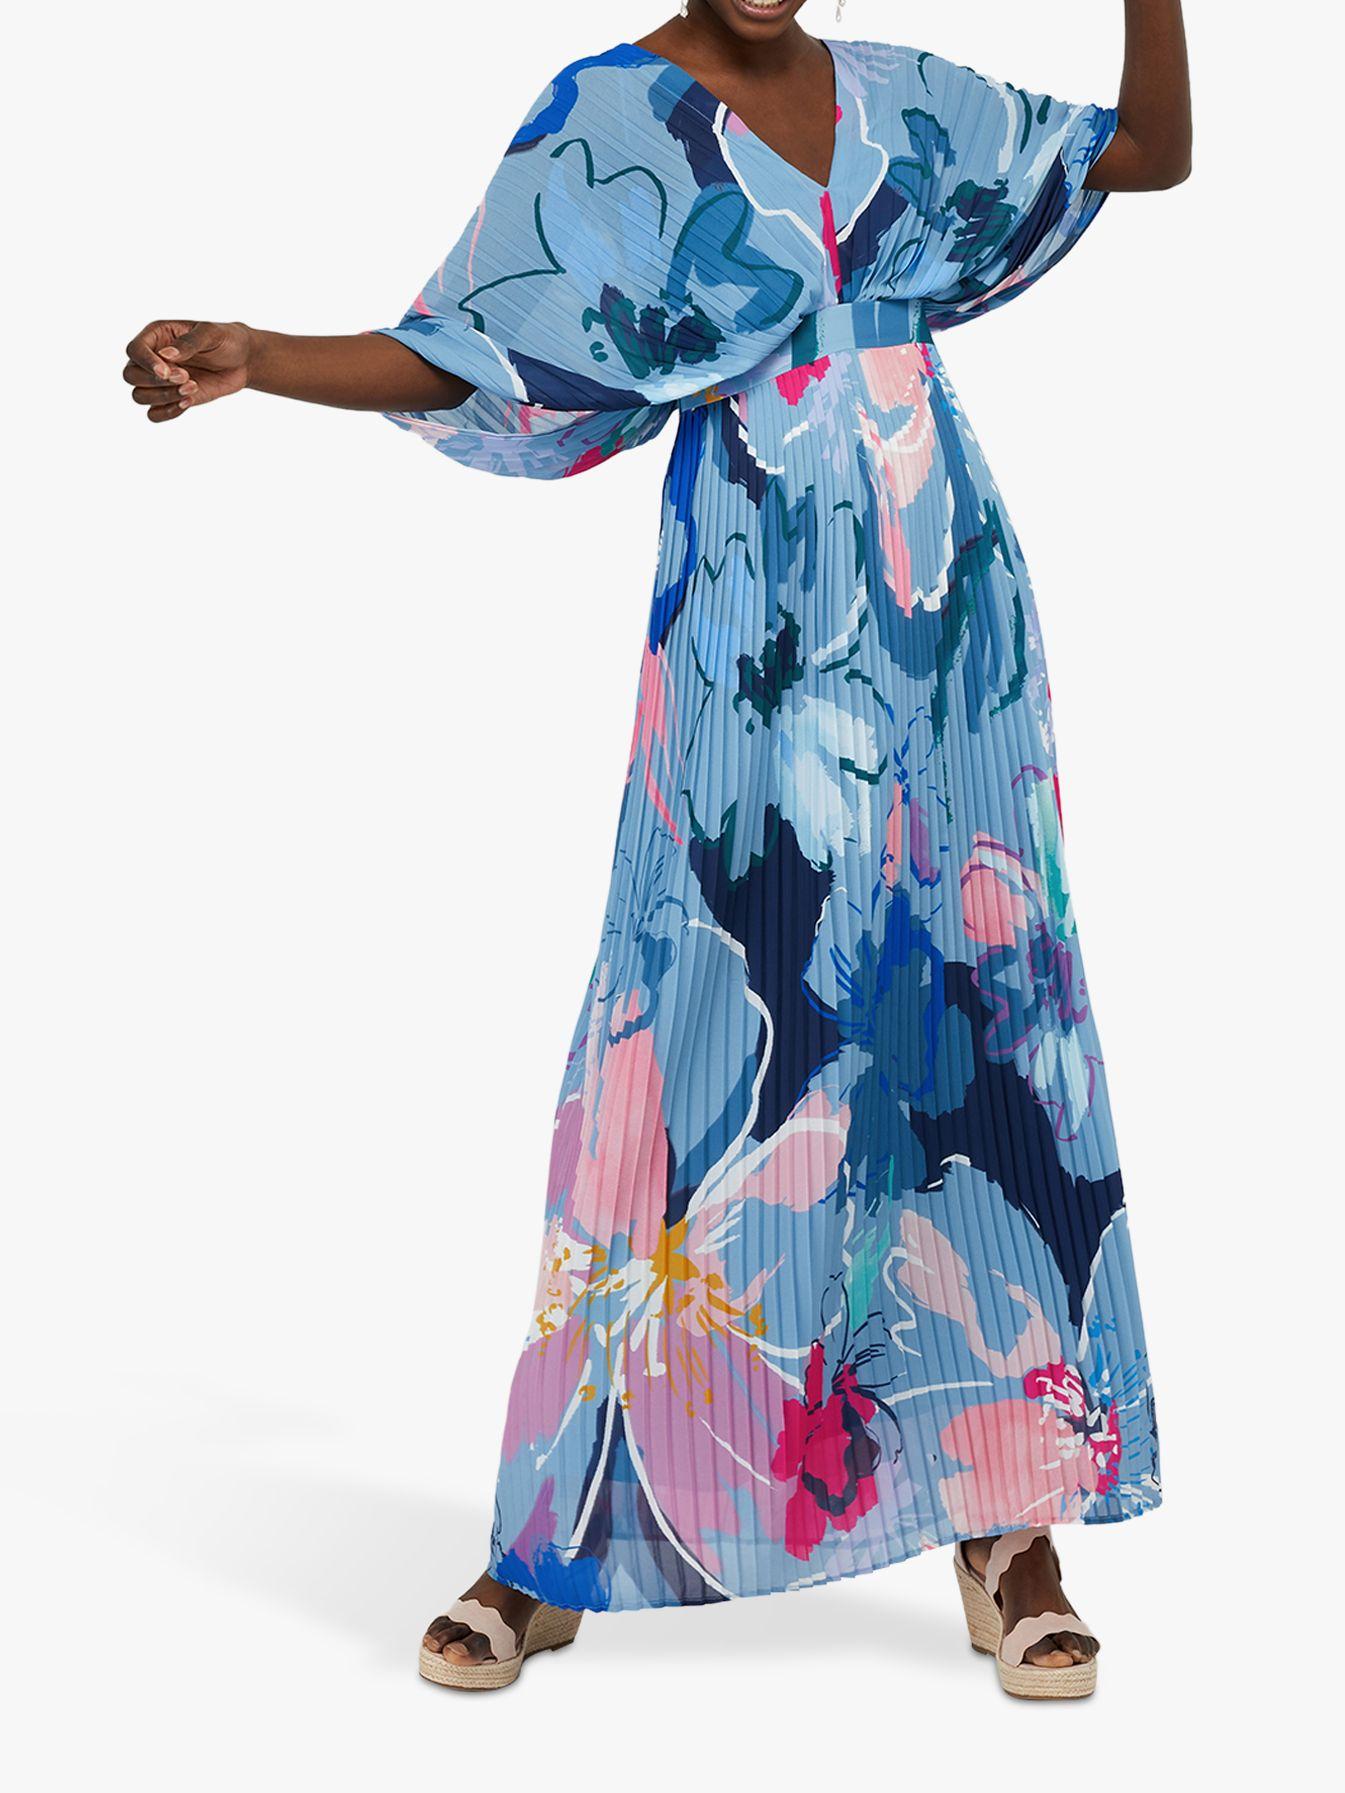 Monsoon Monsoon Erica Pleated Floral Print Kaftan Dress, Blue/Multi